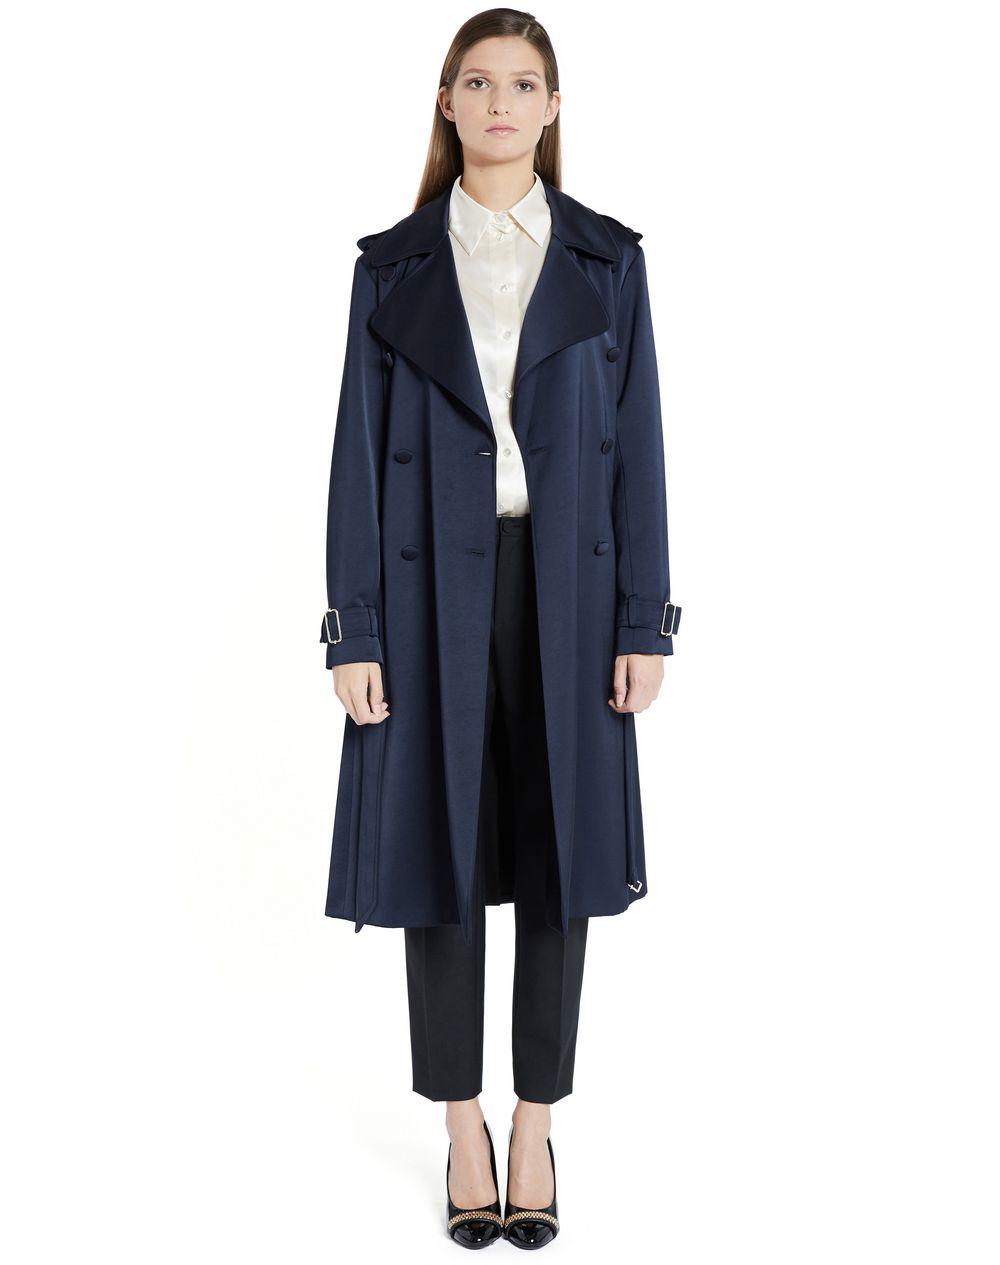 6512d1f0c963 MANTEAU SATIN Lanvin, Manteau Femme   Boutique en ligne ...